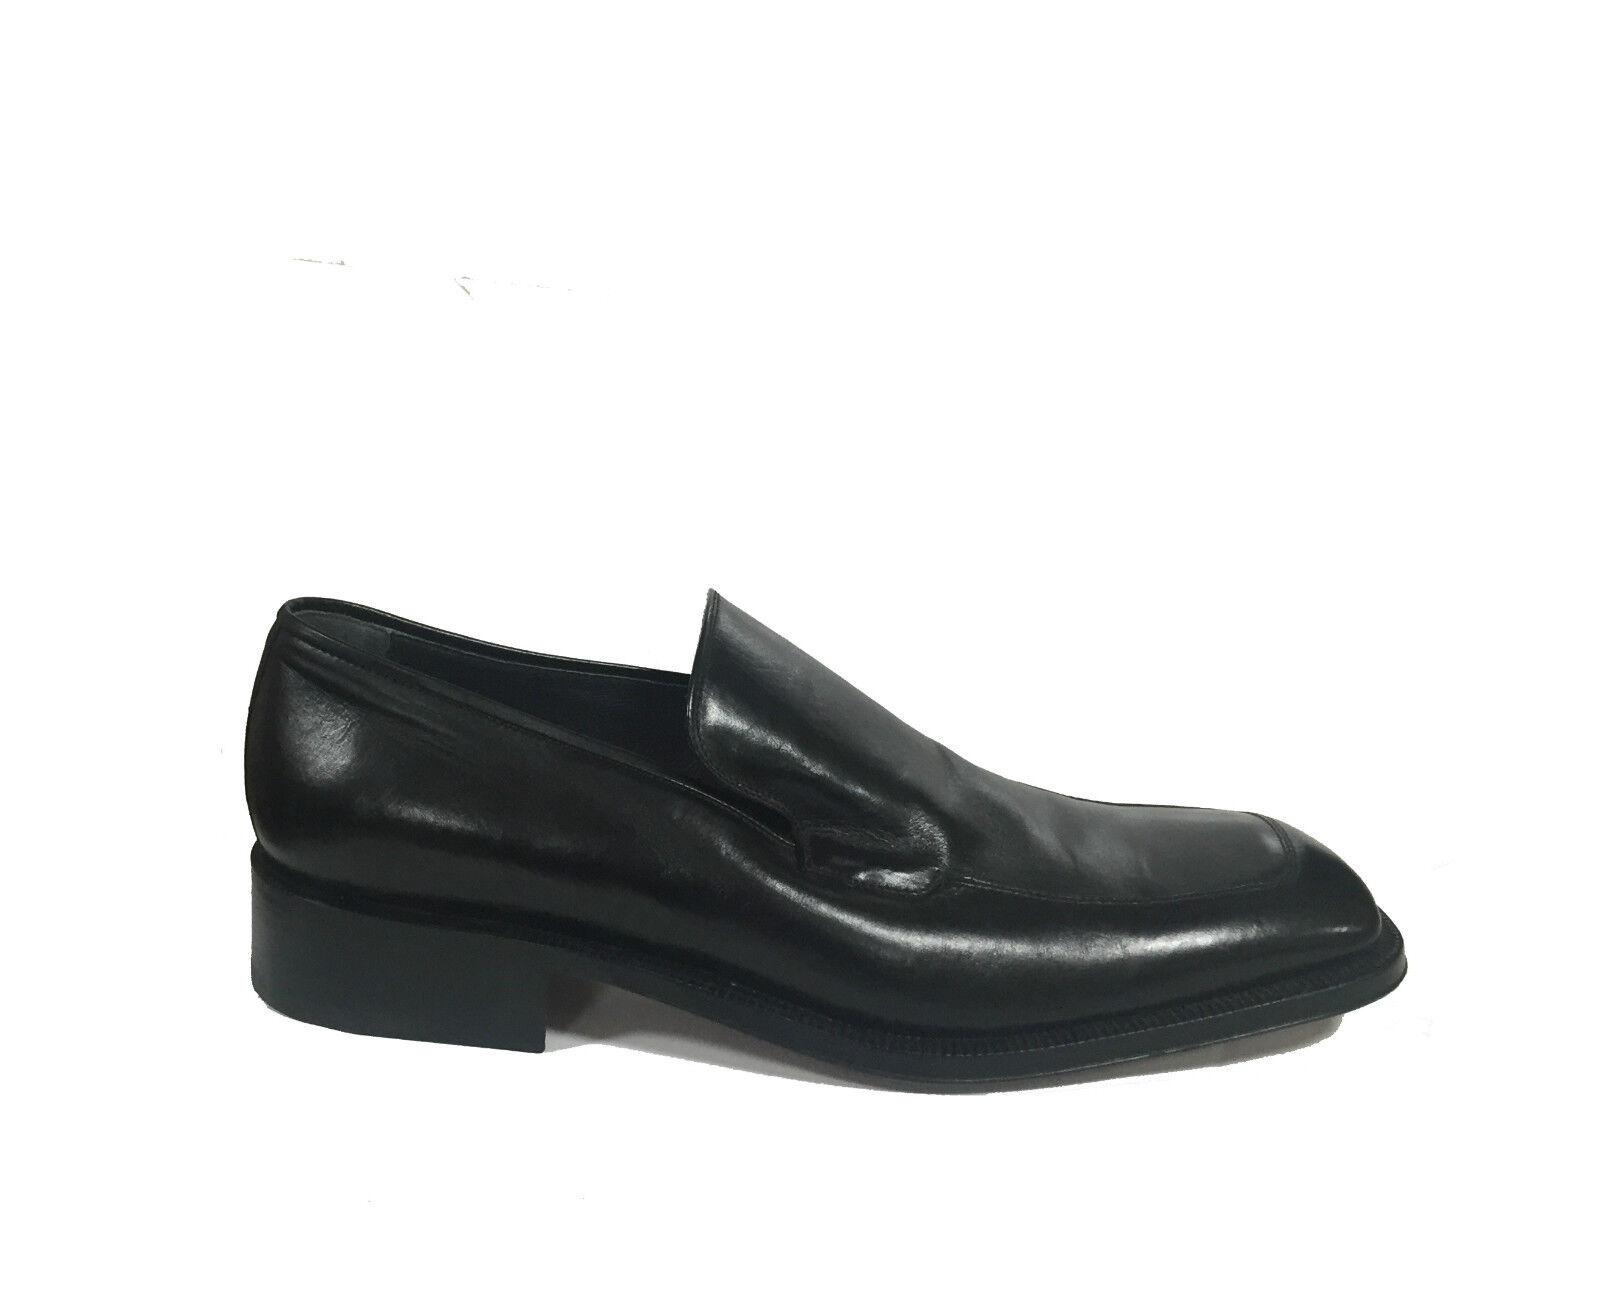 FABI Herrenschuhe Mokassins aus weich Leder von Känguru Farbe  Schwarz     Wir haben von unseren Kunden Lob erhalten.